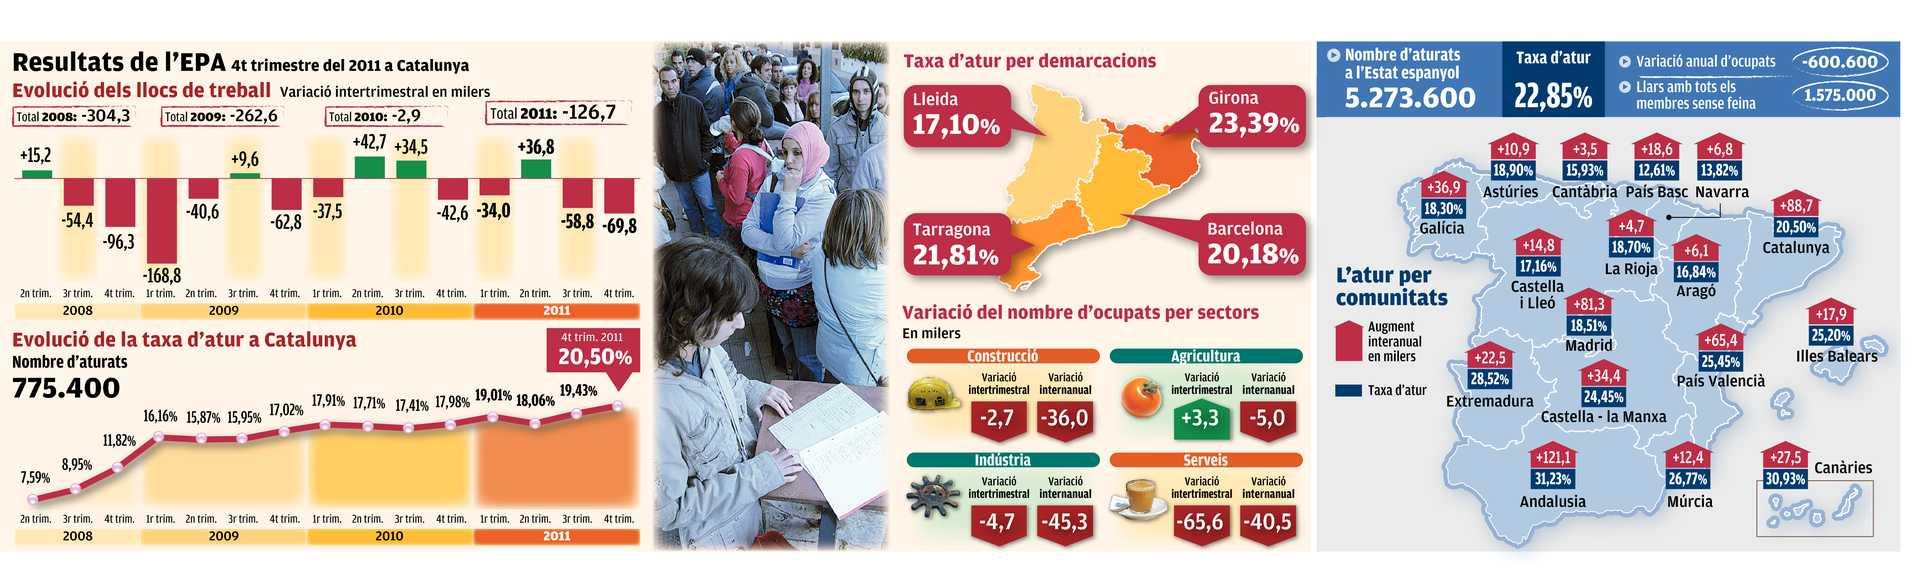 Resultats de l'EPA 4t trimestre, taxa d'atur per demarcacions, variació per sectors i l'atur a l'Estat espanyol